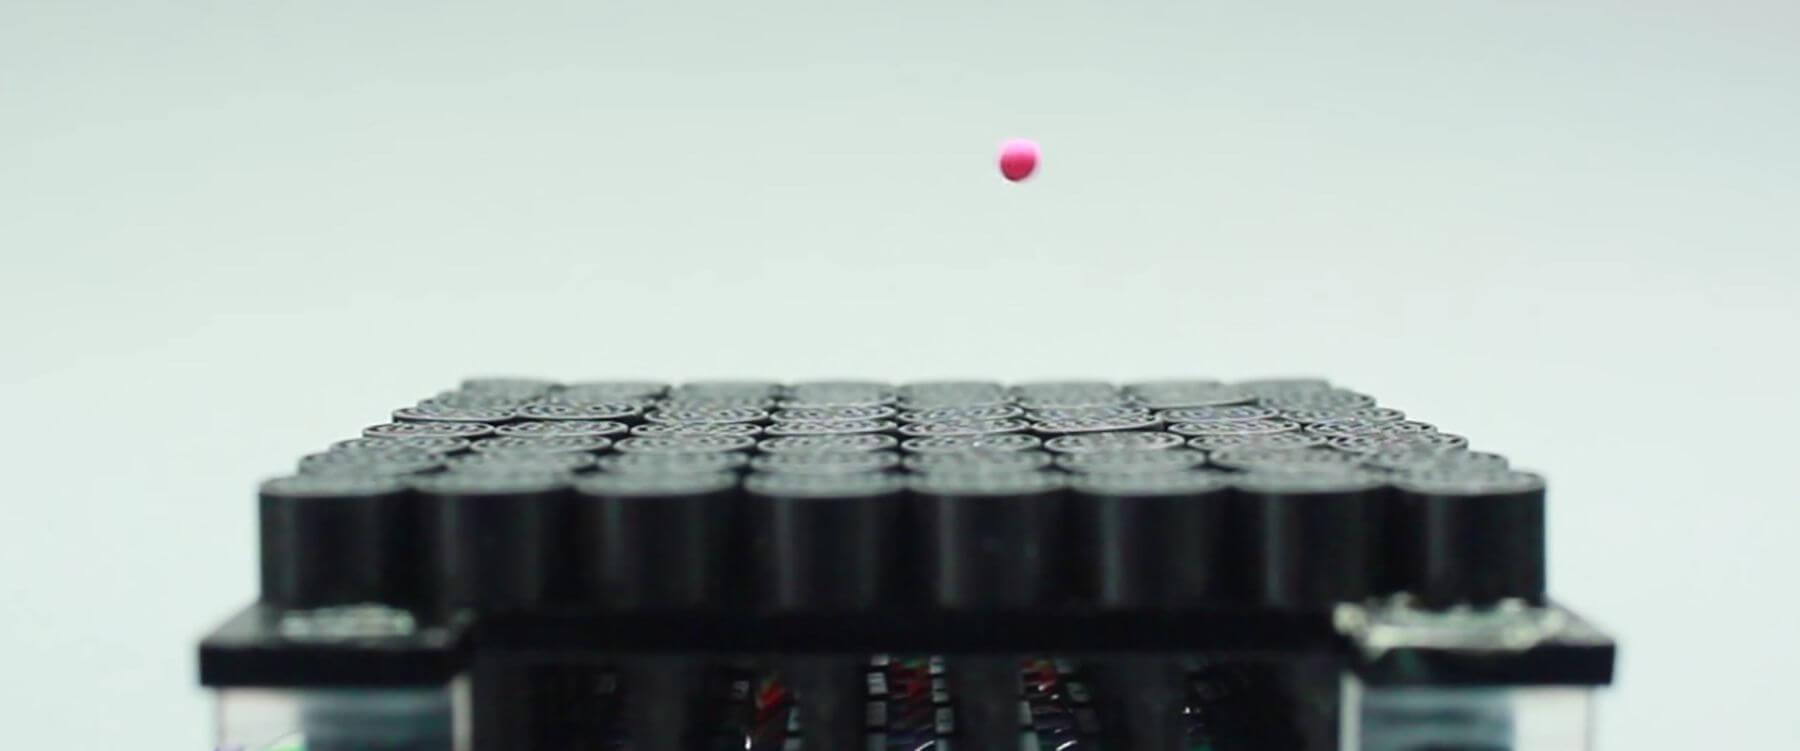 LEVITAÇÃO 1 - É possível levitar com o poder do som?